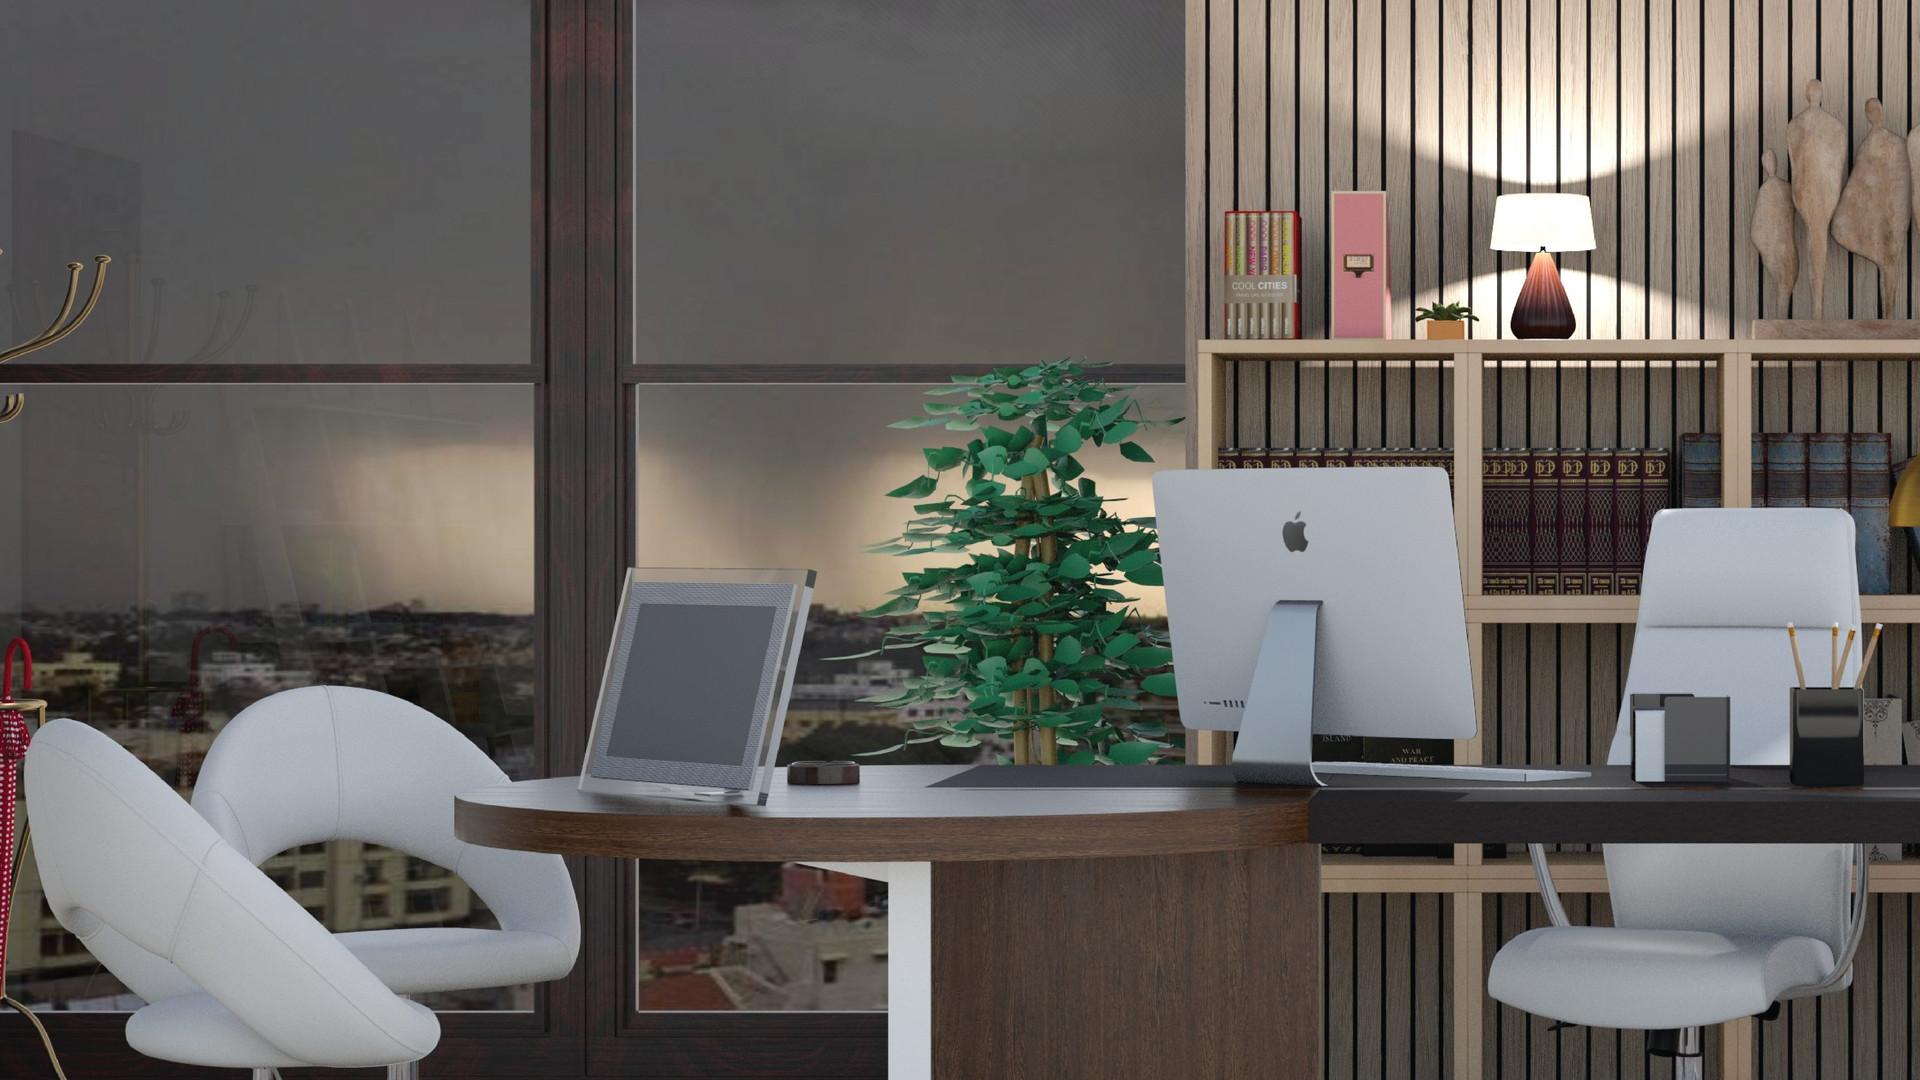 #עיצוב משרדי #חווית מרחב העבודה הביתי. ר